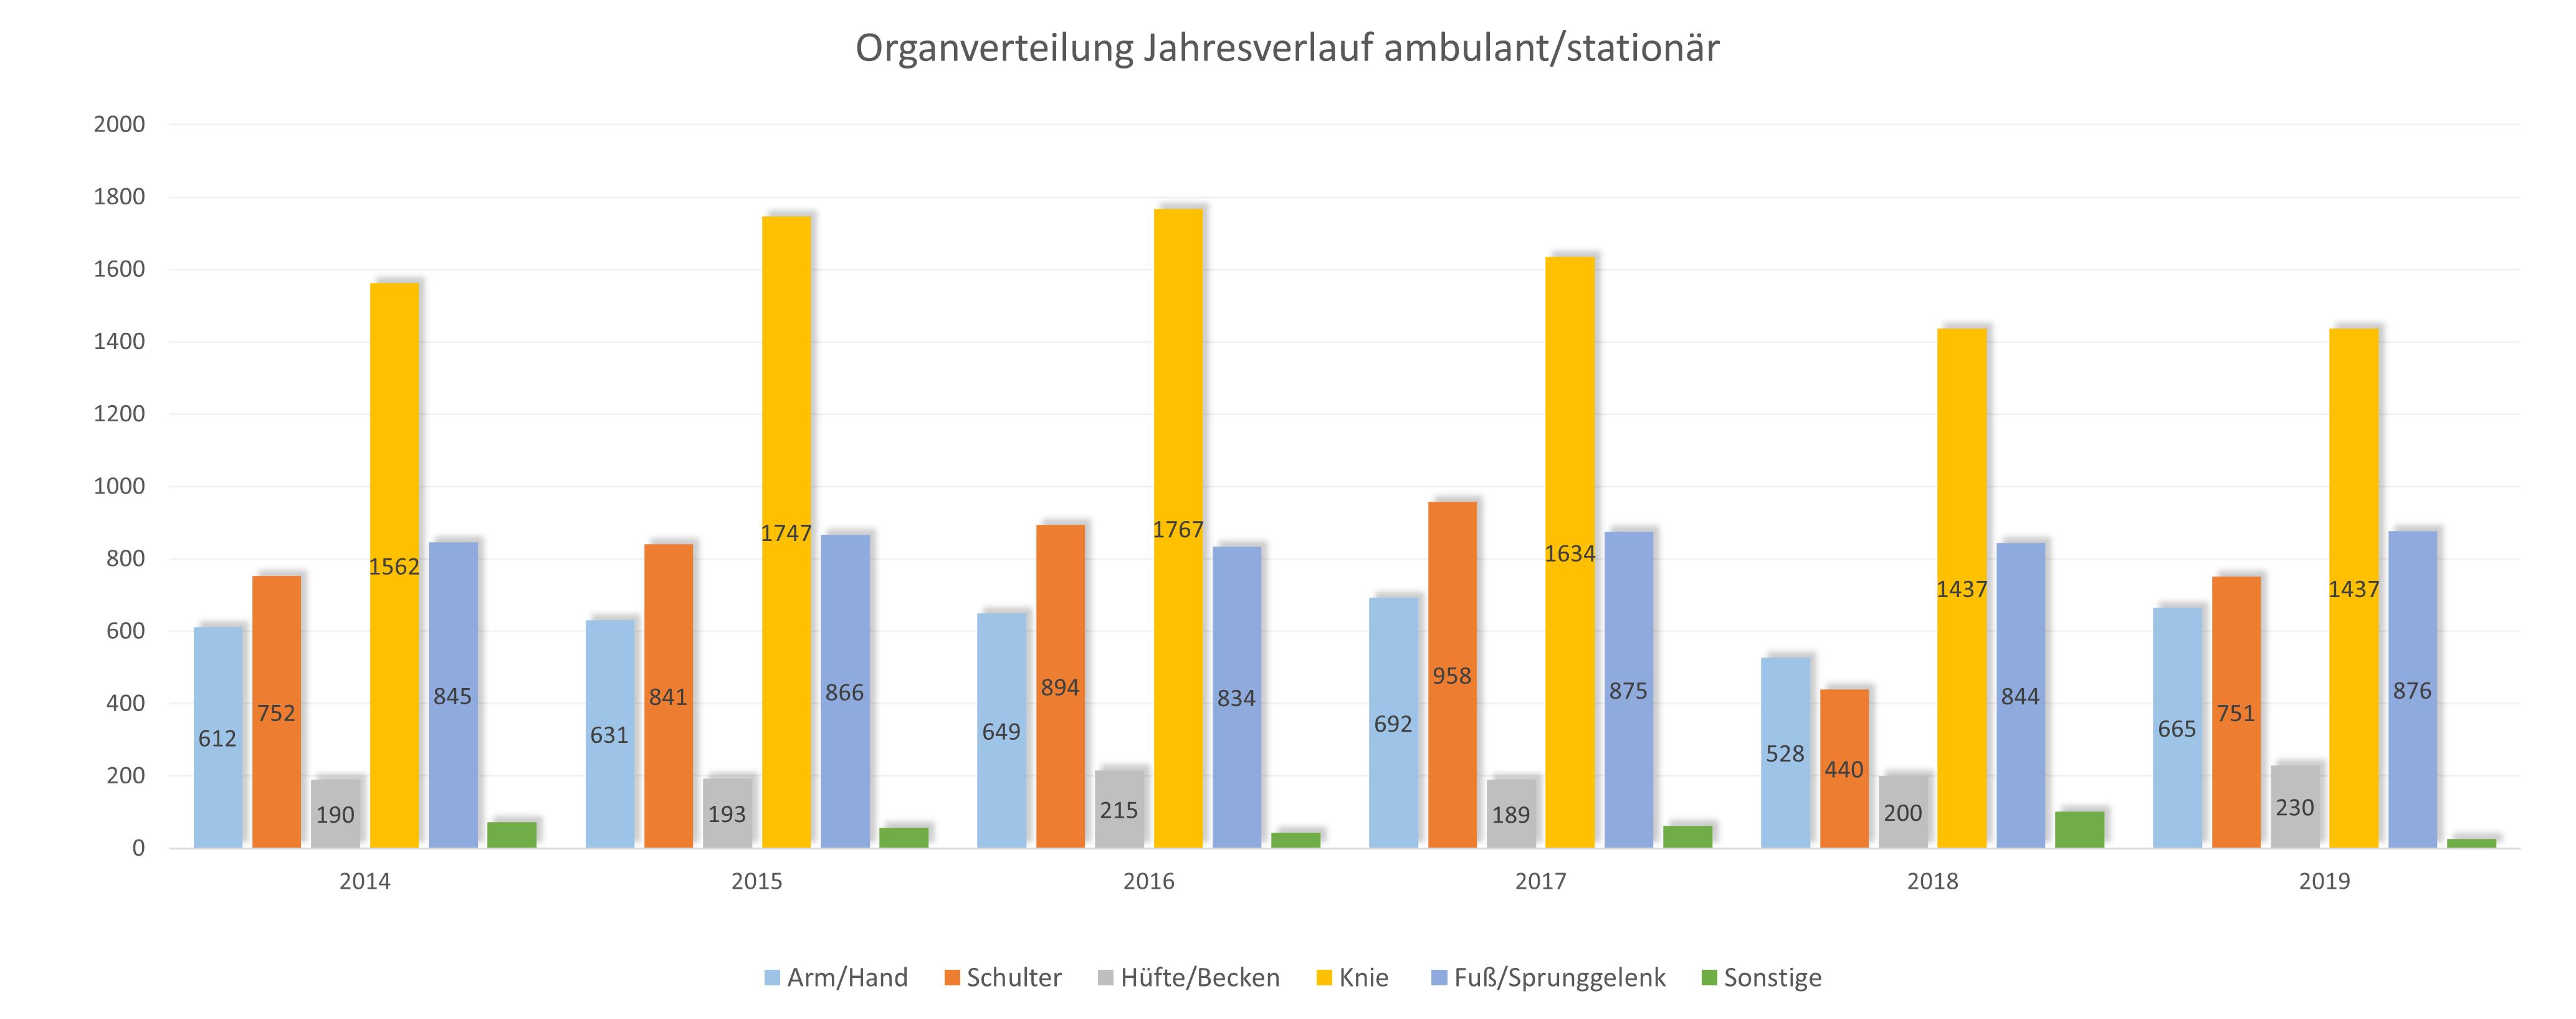 MVZ_PKO_Organverteilung_Jahresverlauf_amb-stat